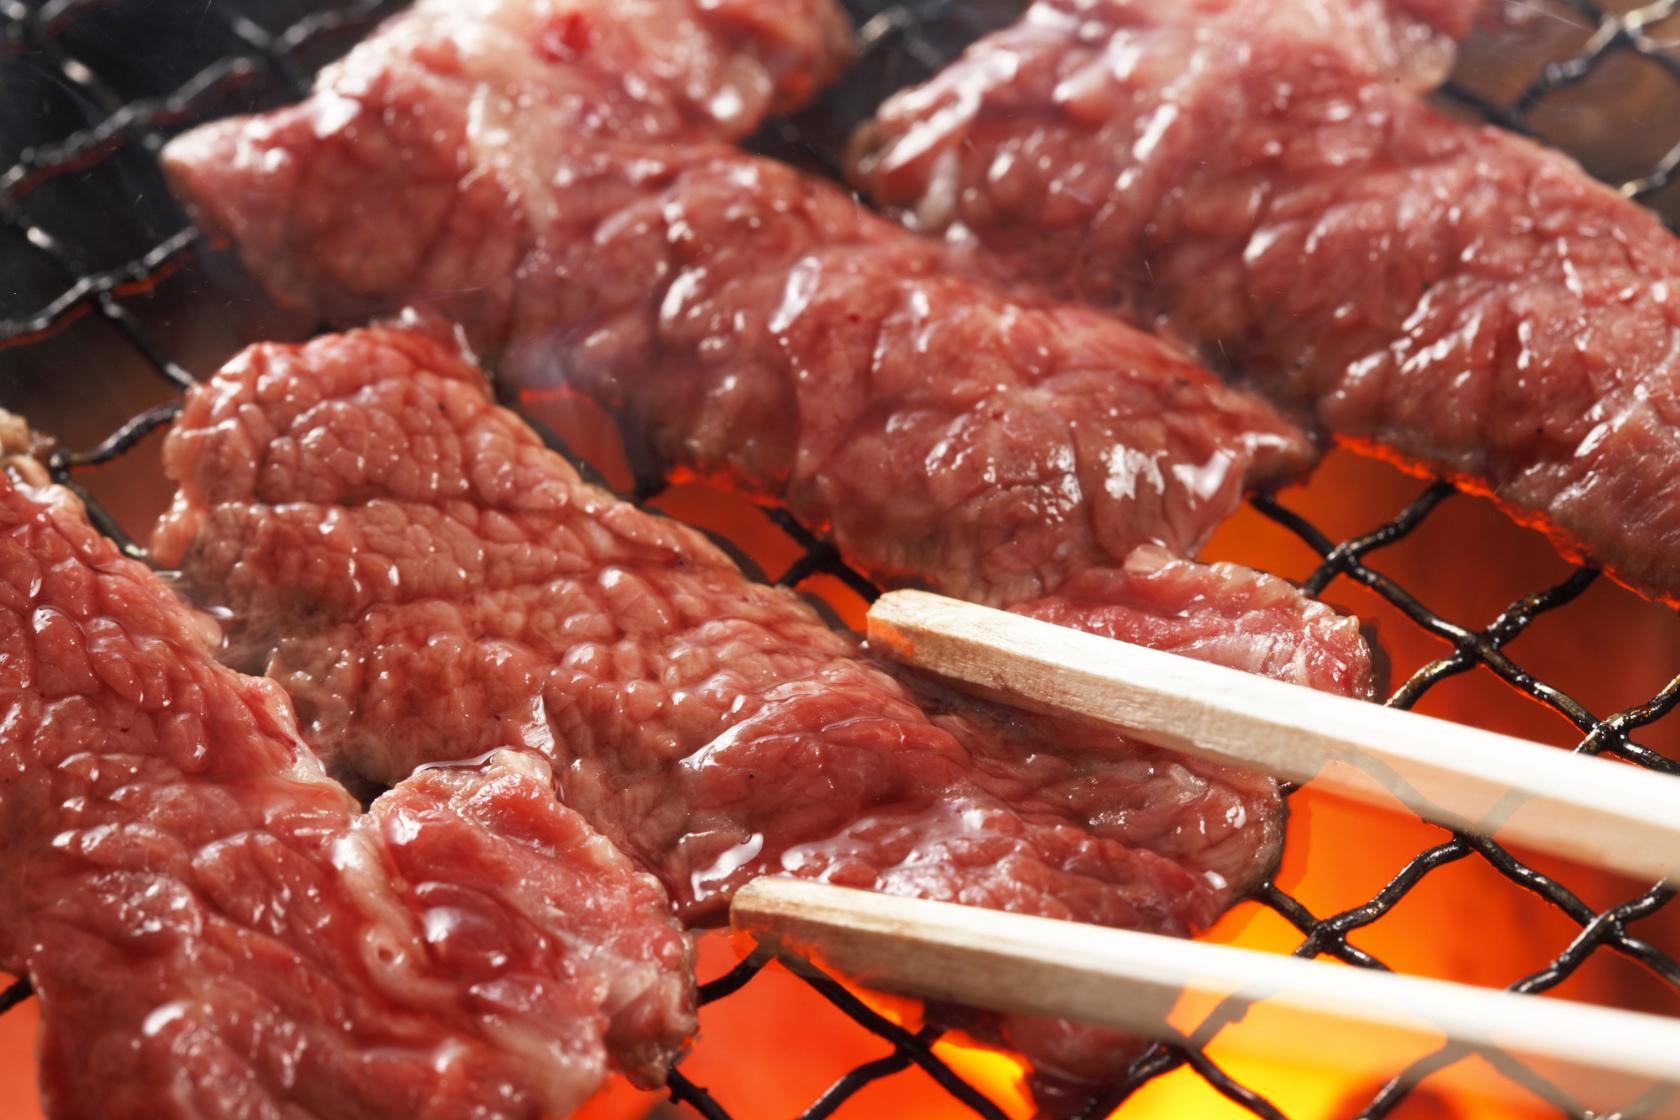 ディナーも!ランチも!食べ放題だって!人気の焼肉チェーンまとめのサムネイル画像